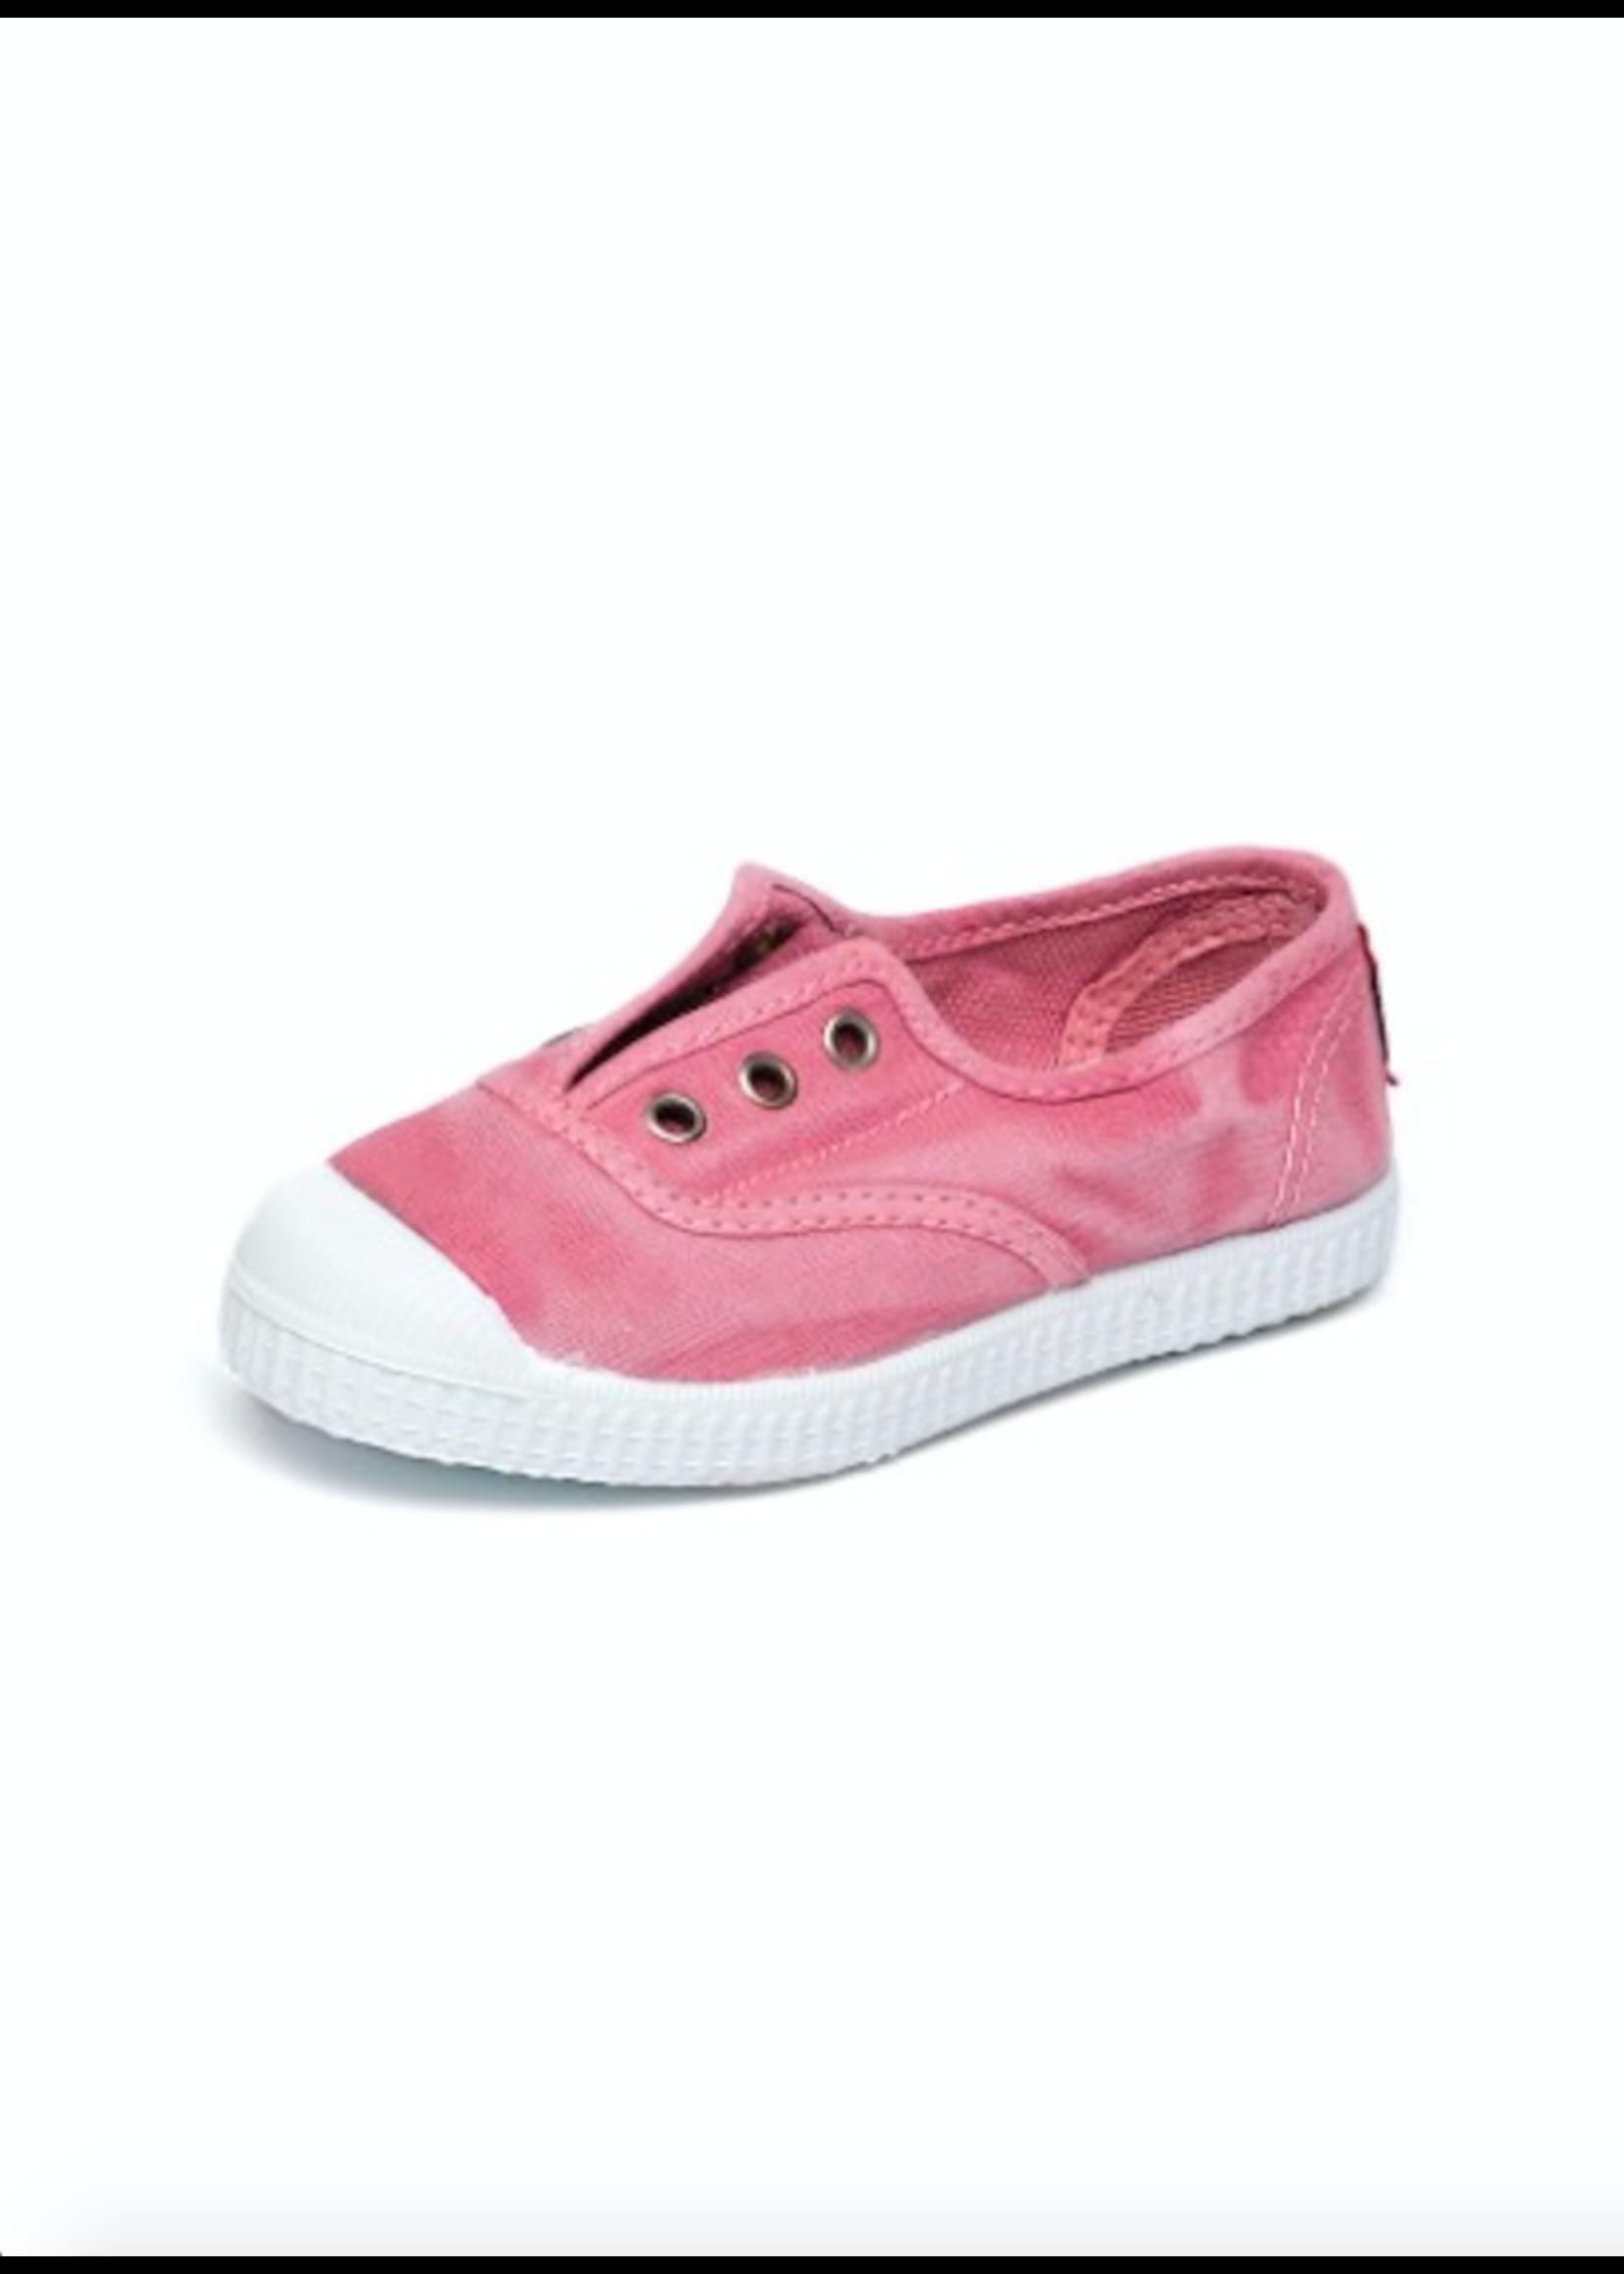 Calzados Cienta Shoes Cienta Shoes, Zapatilla Ingles Tintado Enzimatico for Girl